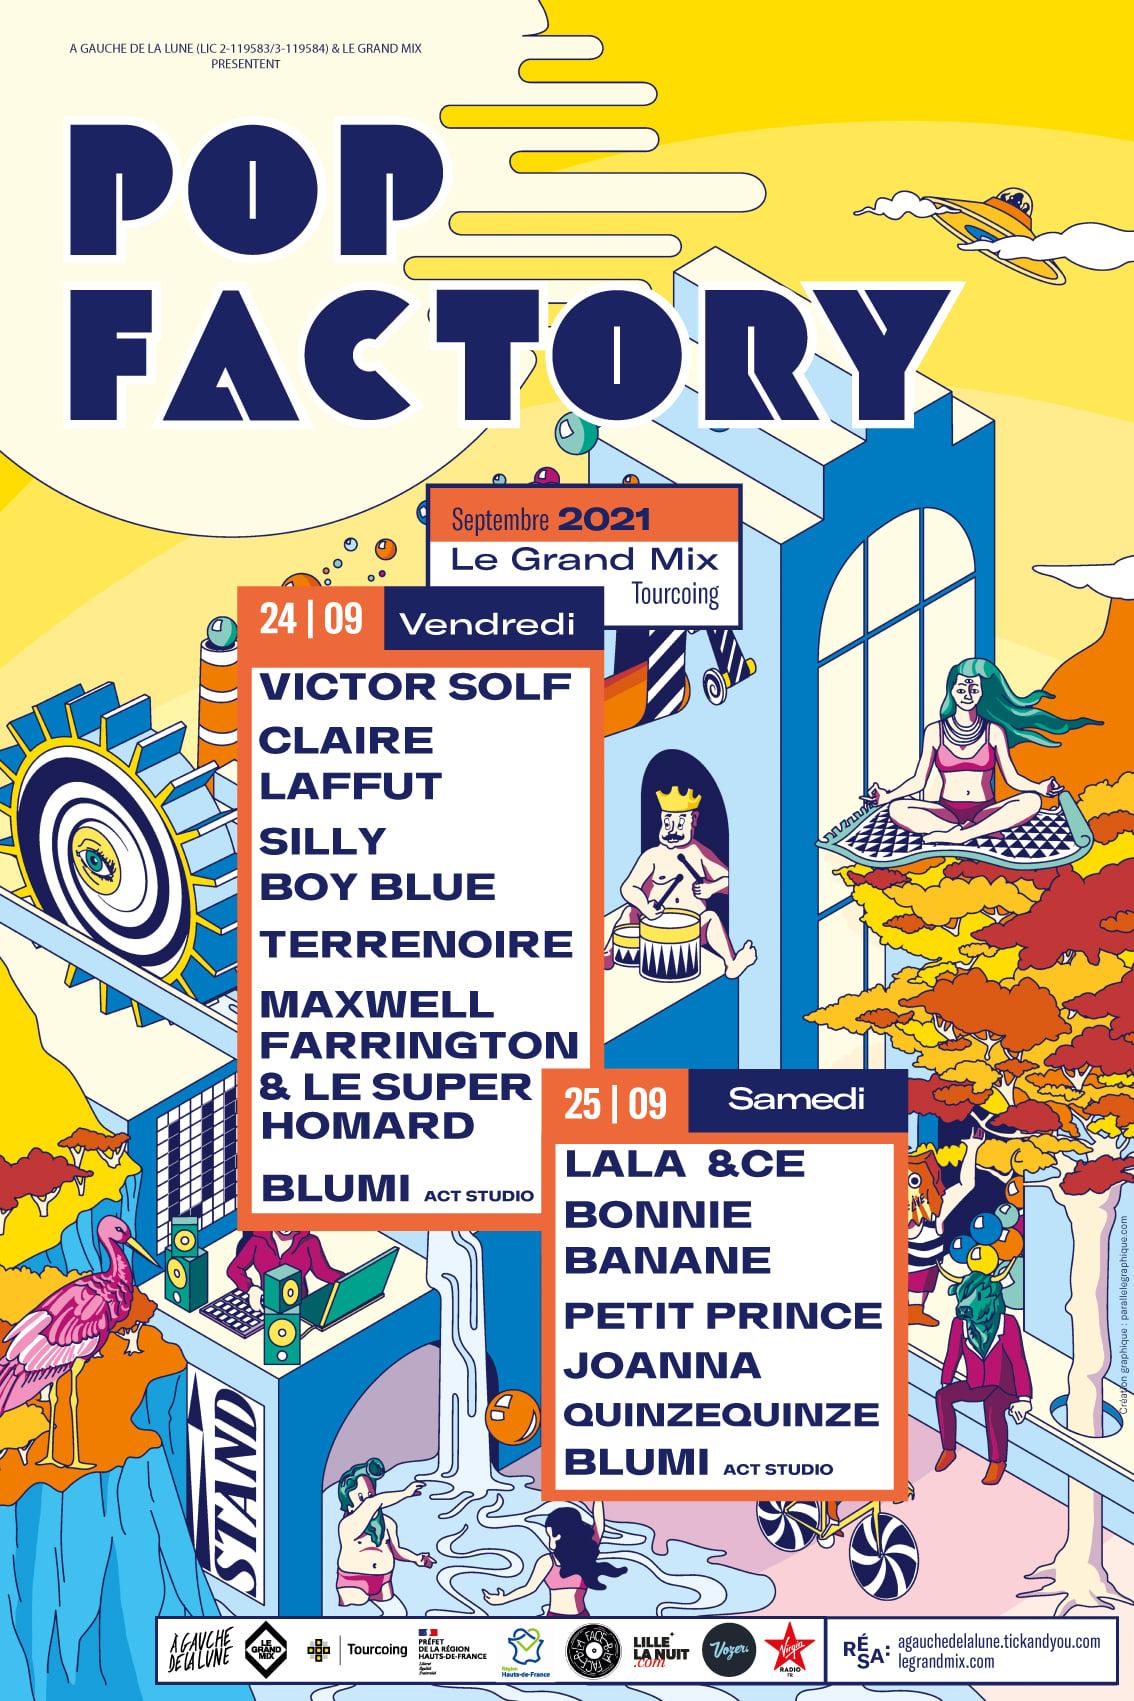 Pop Factory avec Lala &Ce + Bonnie Banane + Petit prince + Joanna + Quinzequinze